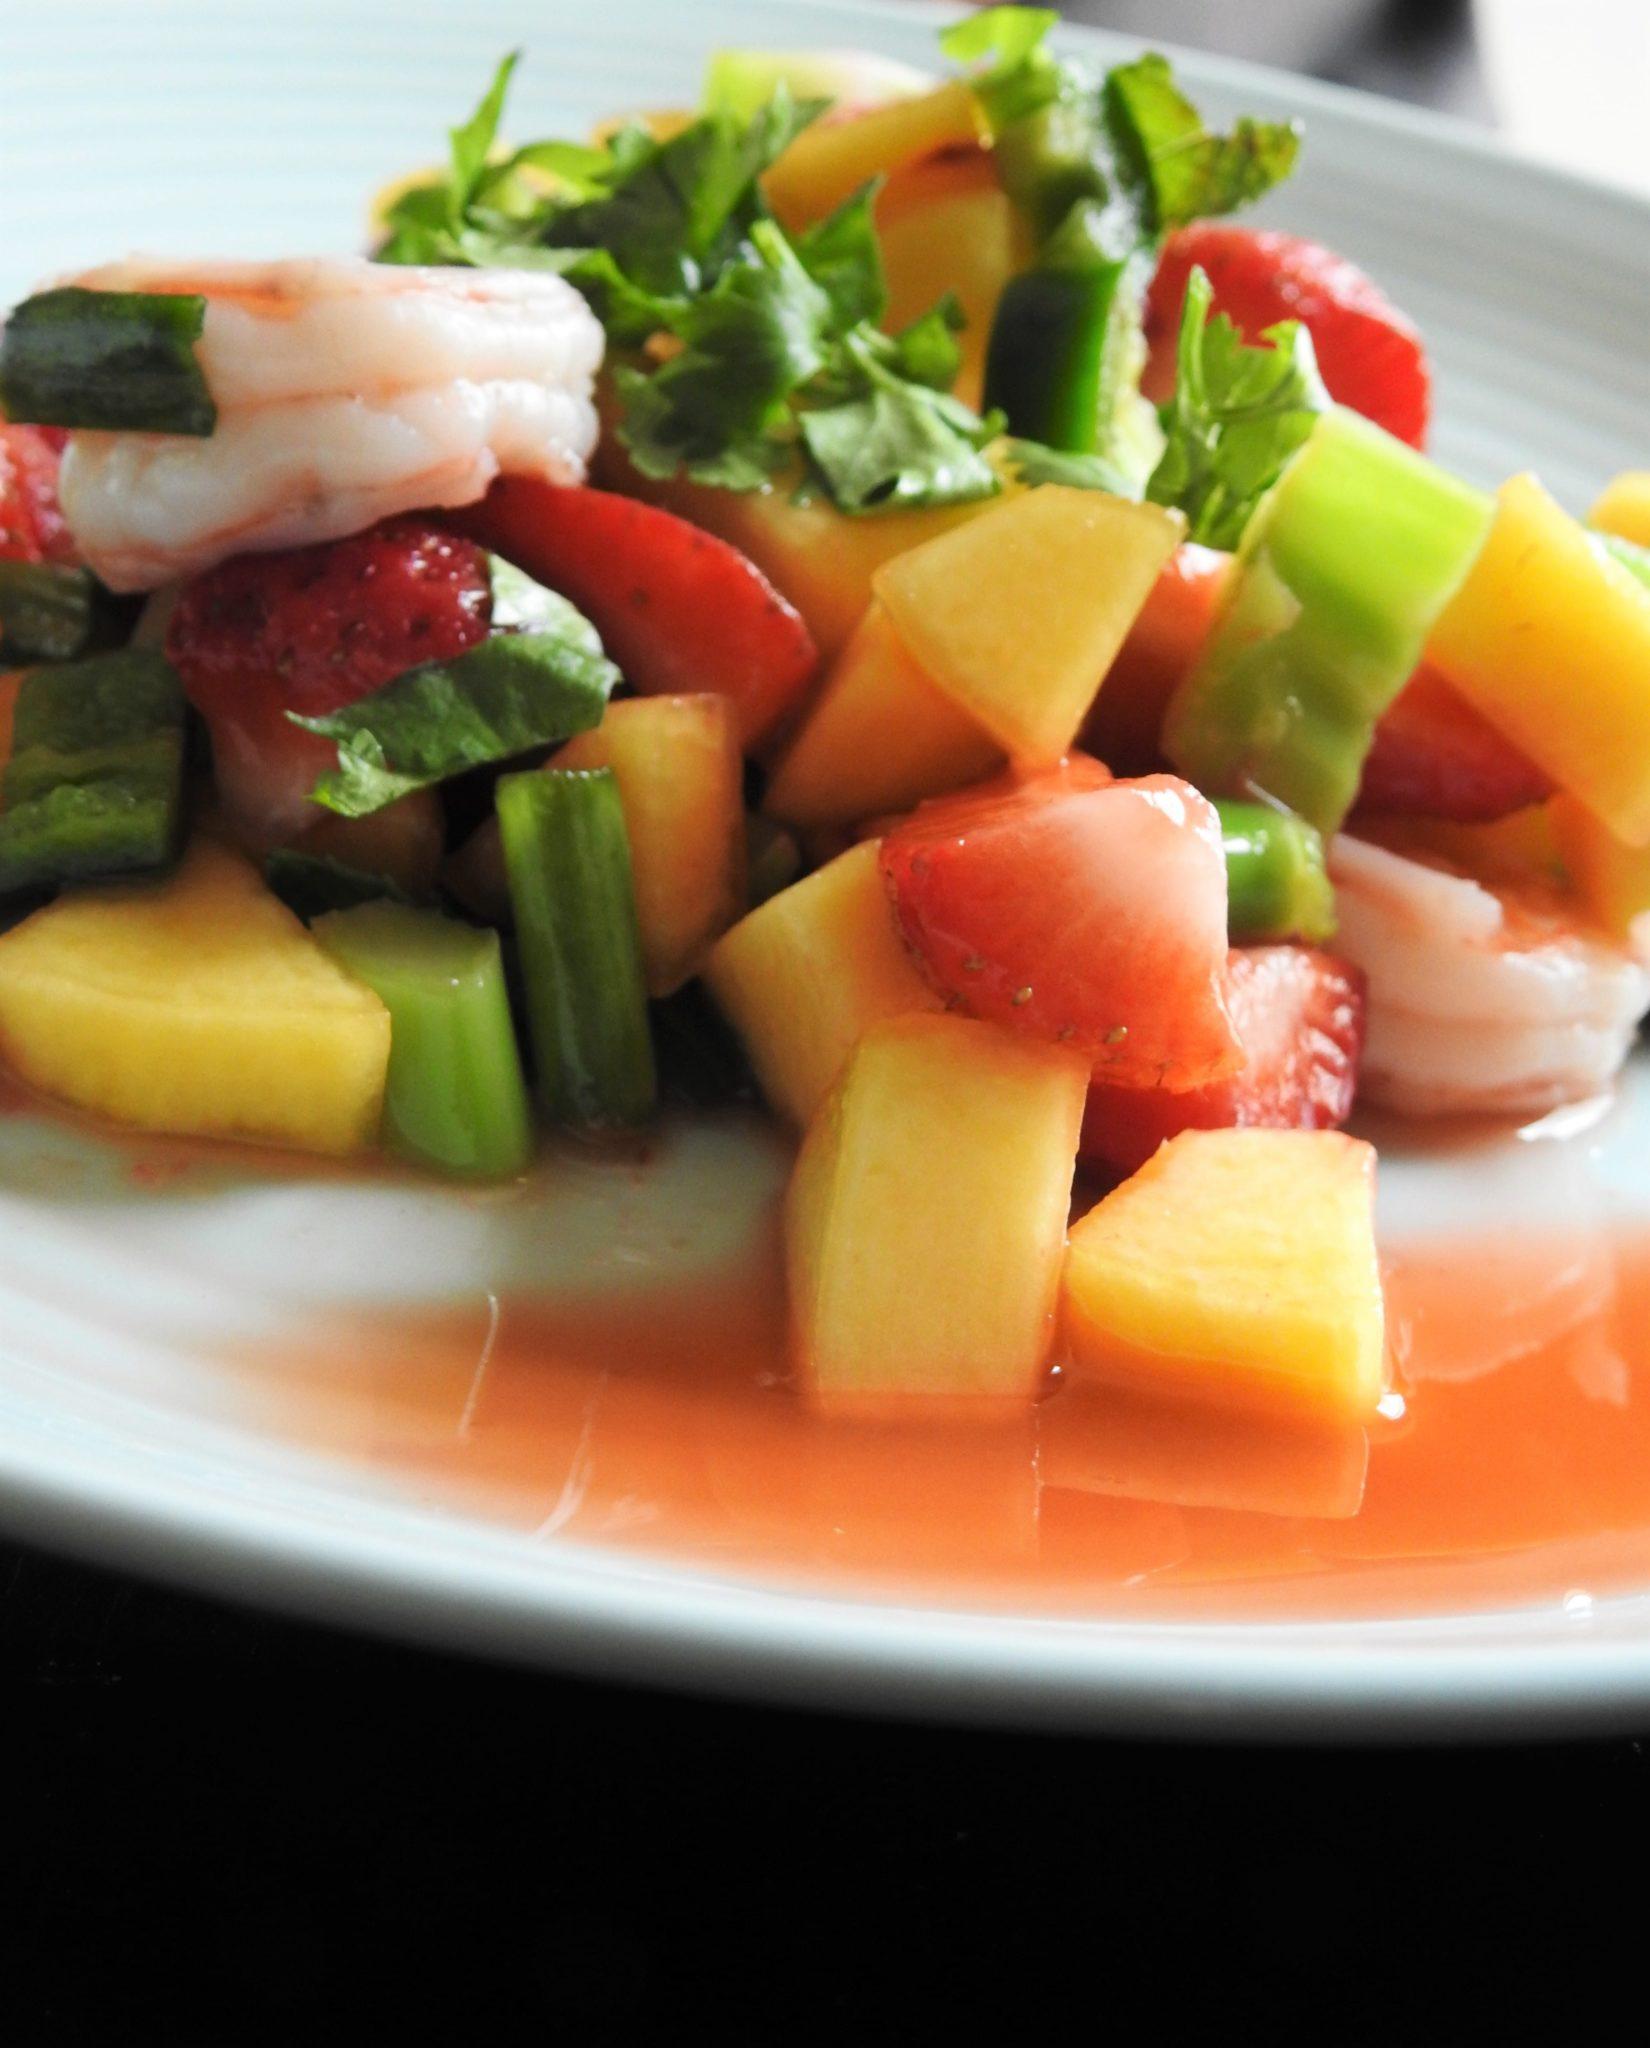 Strawberry Peach Shrimp Thai SaladStrawberry Peach Shrimp Thai Salad